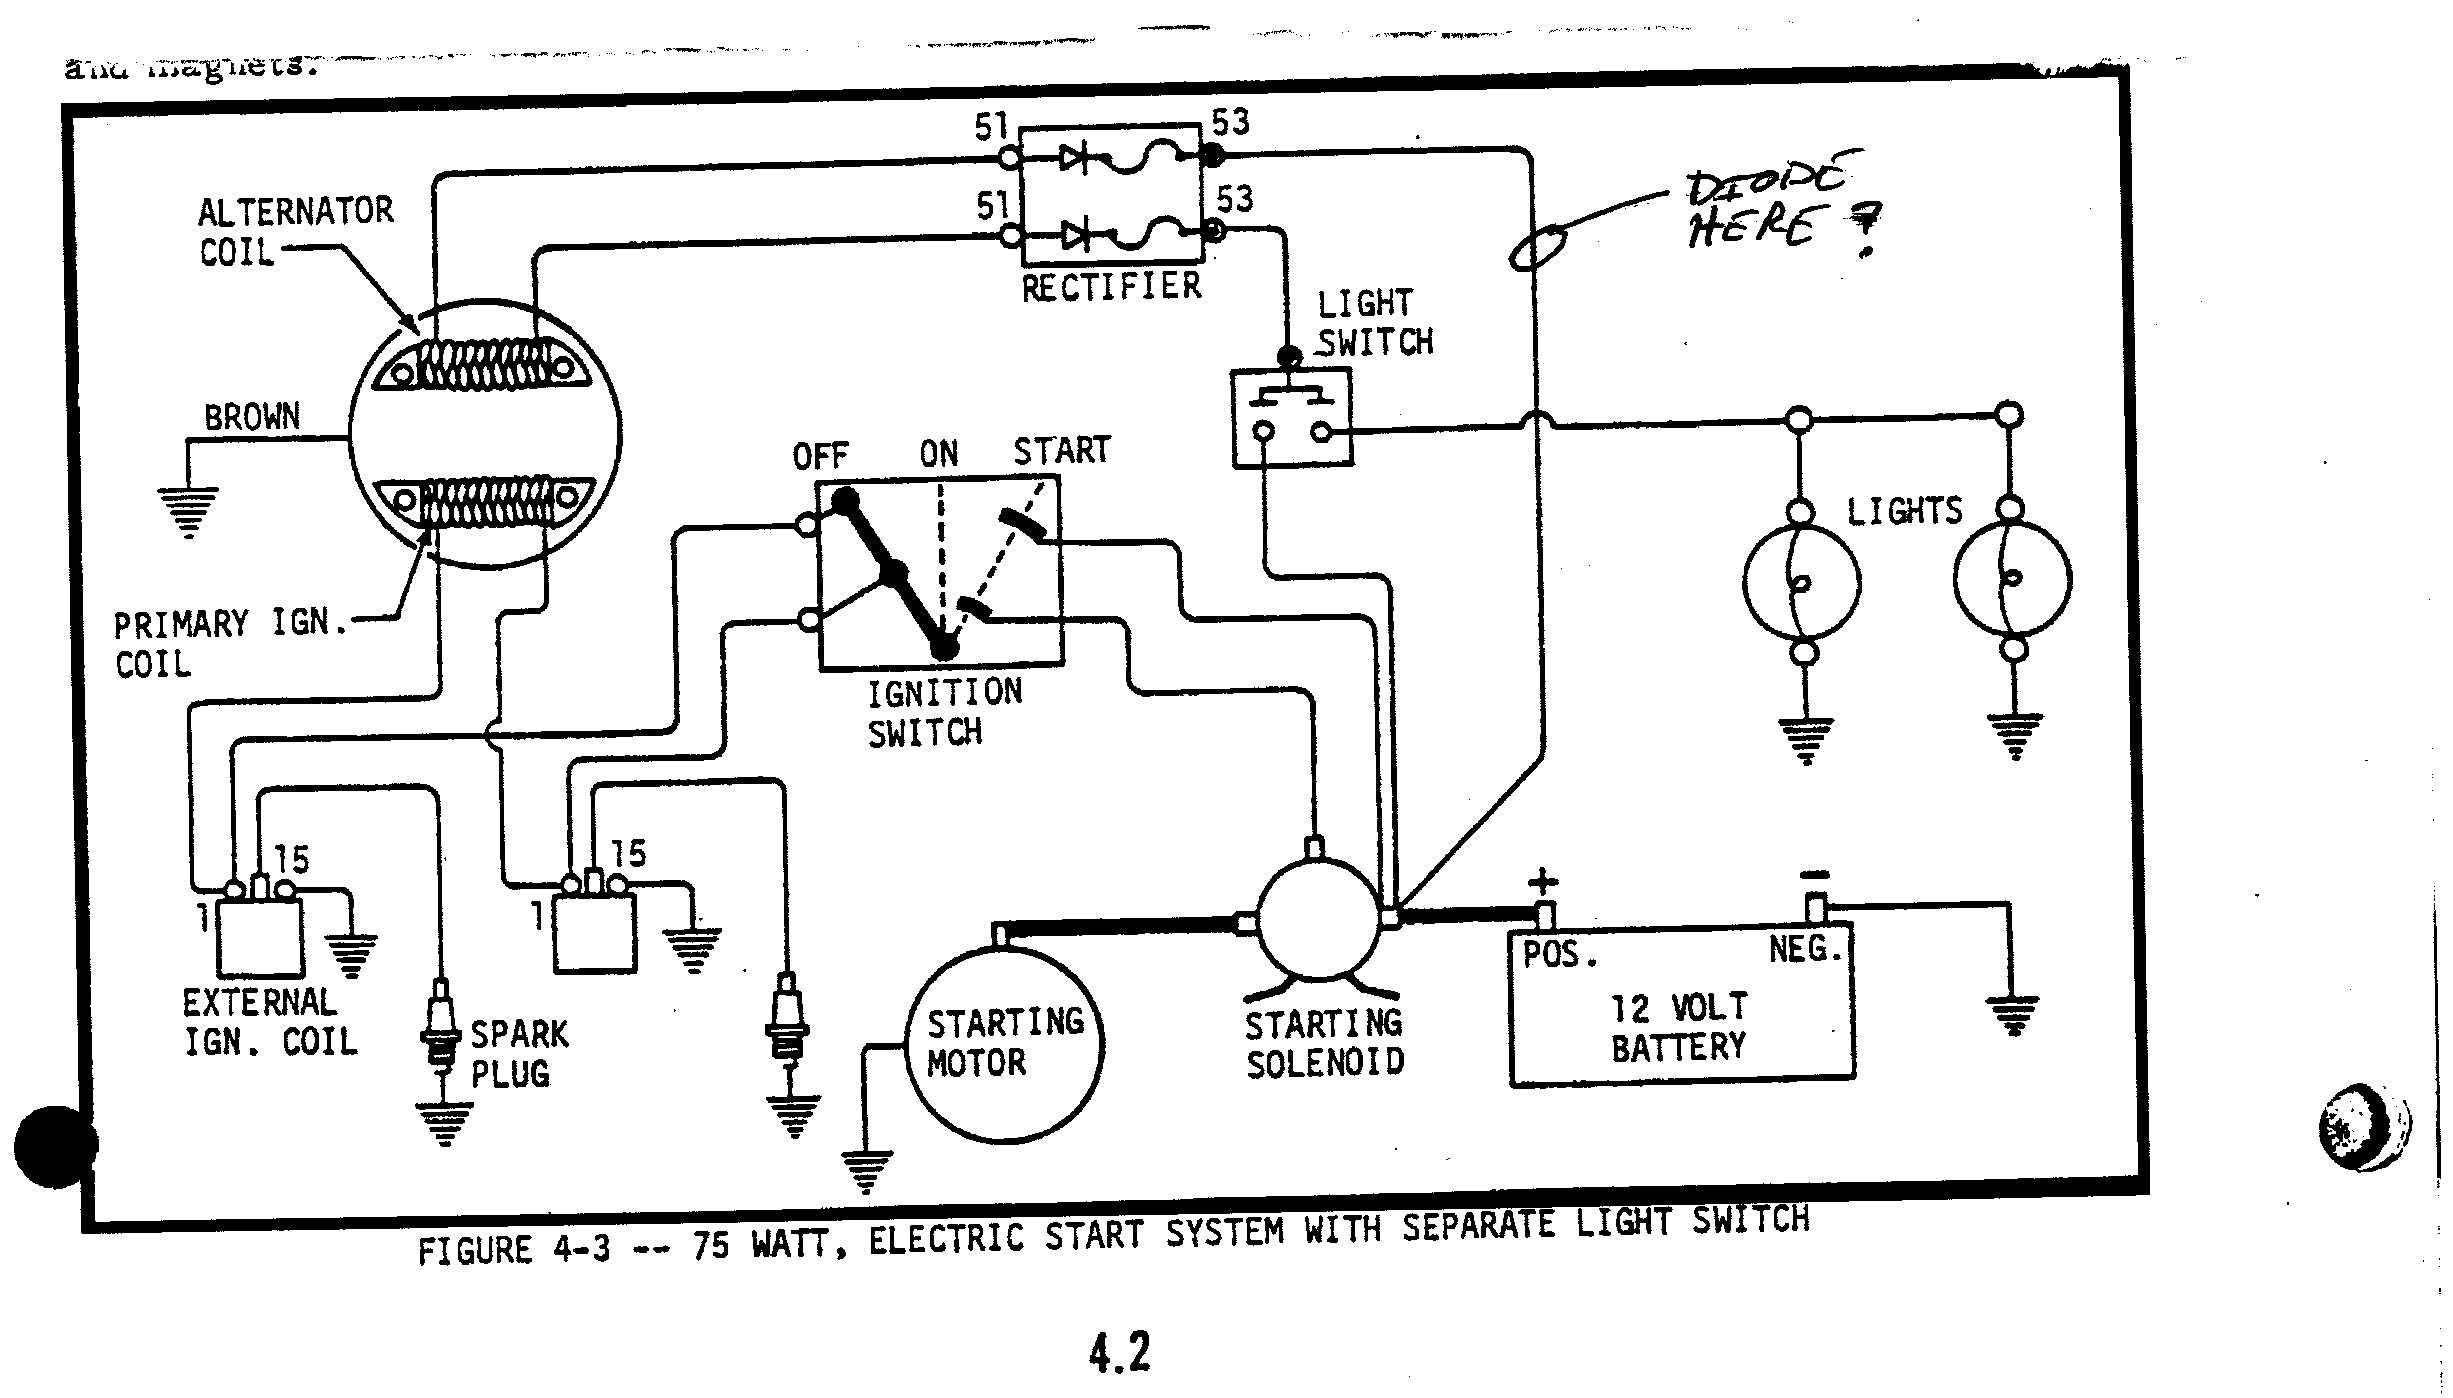 Suzuki Quadrunner Wiring Diagram | Best Wiring Liry on harley davidson wiring diagram, atv wiring diagram, suzuki quad oil filter, suzuki quad fuel system, quad bike wiring diagram, mini quad wiring diagram, quad 250 wiring diagram, 4 wheeler wiring diagram, suzuki quad parts, king quad wiring diagram,